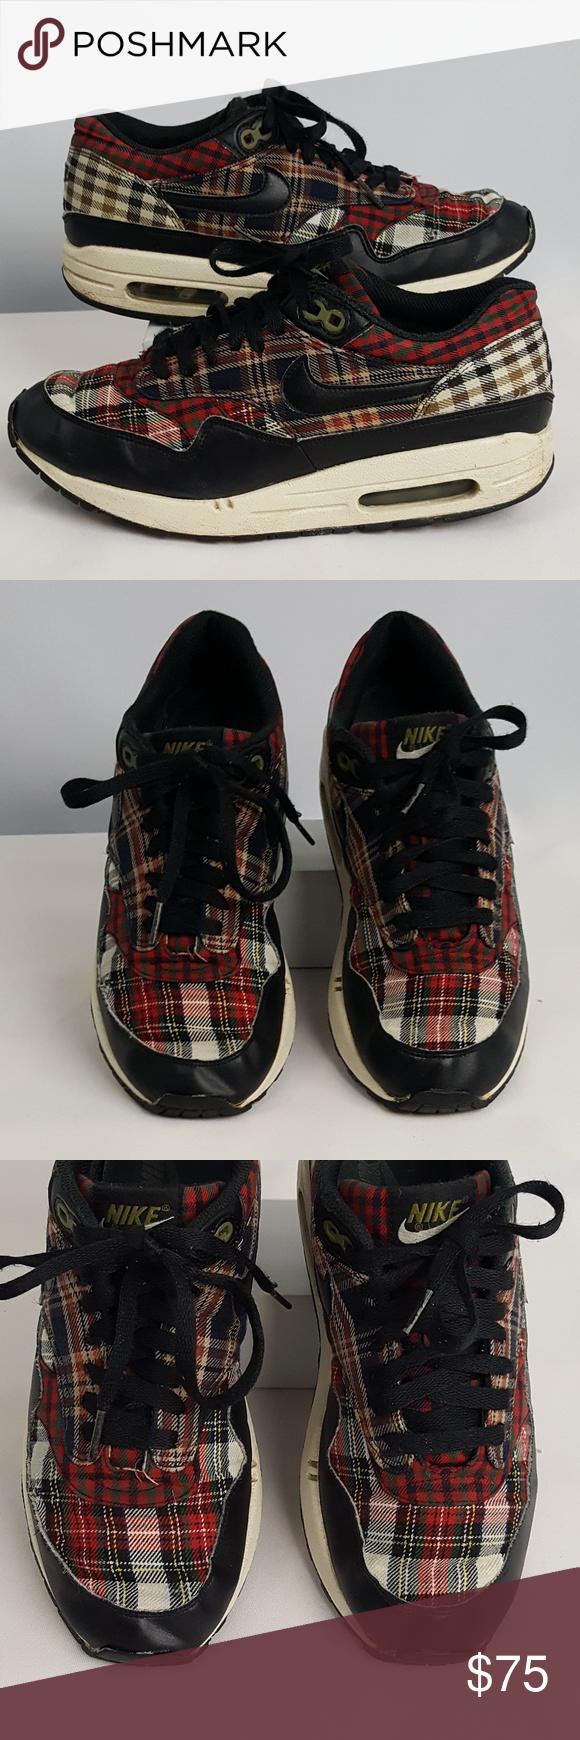 Nike 2008 Air Max 1 Tartan Plaid Size 8.5 Sneaker Heads